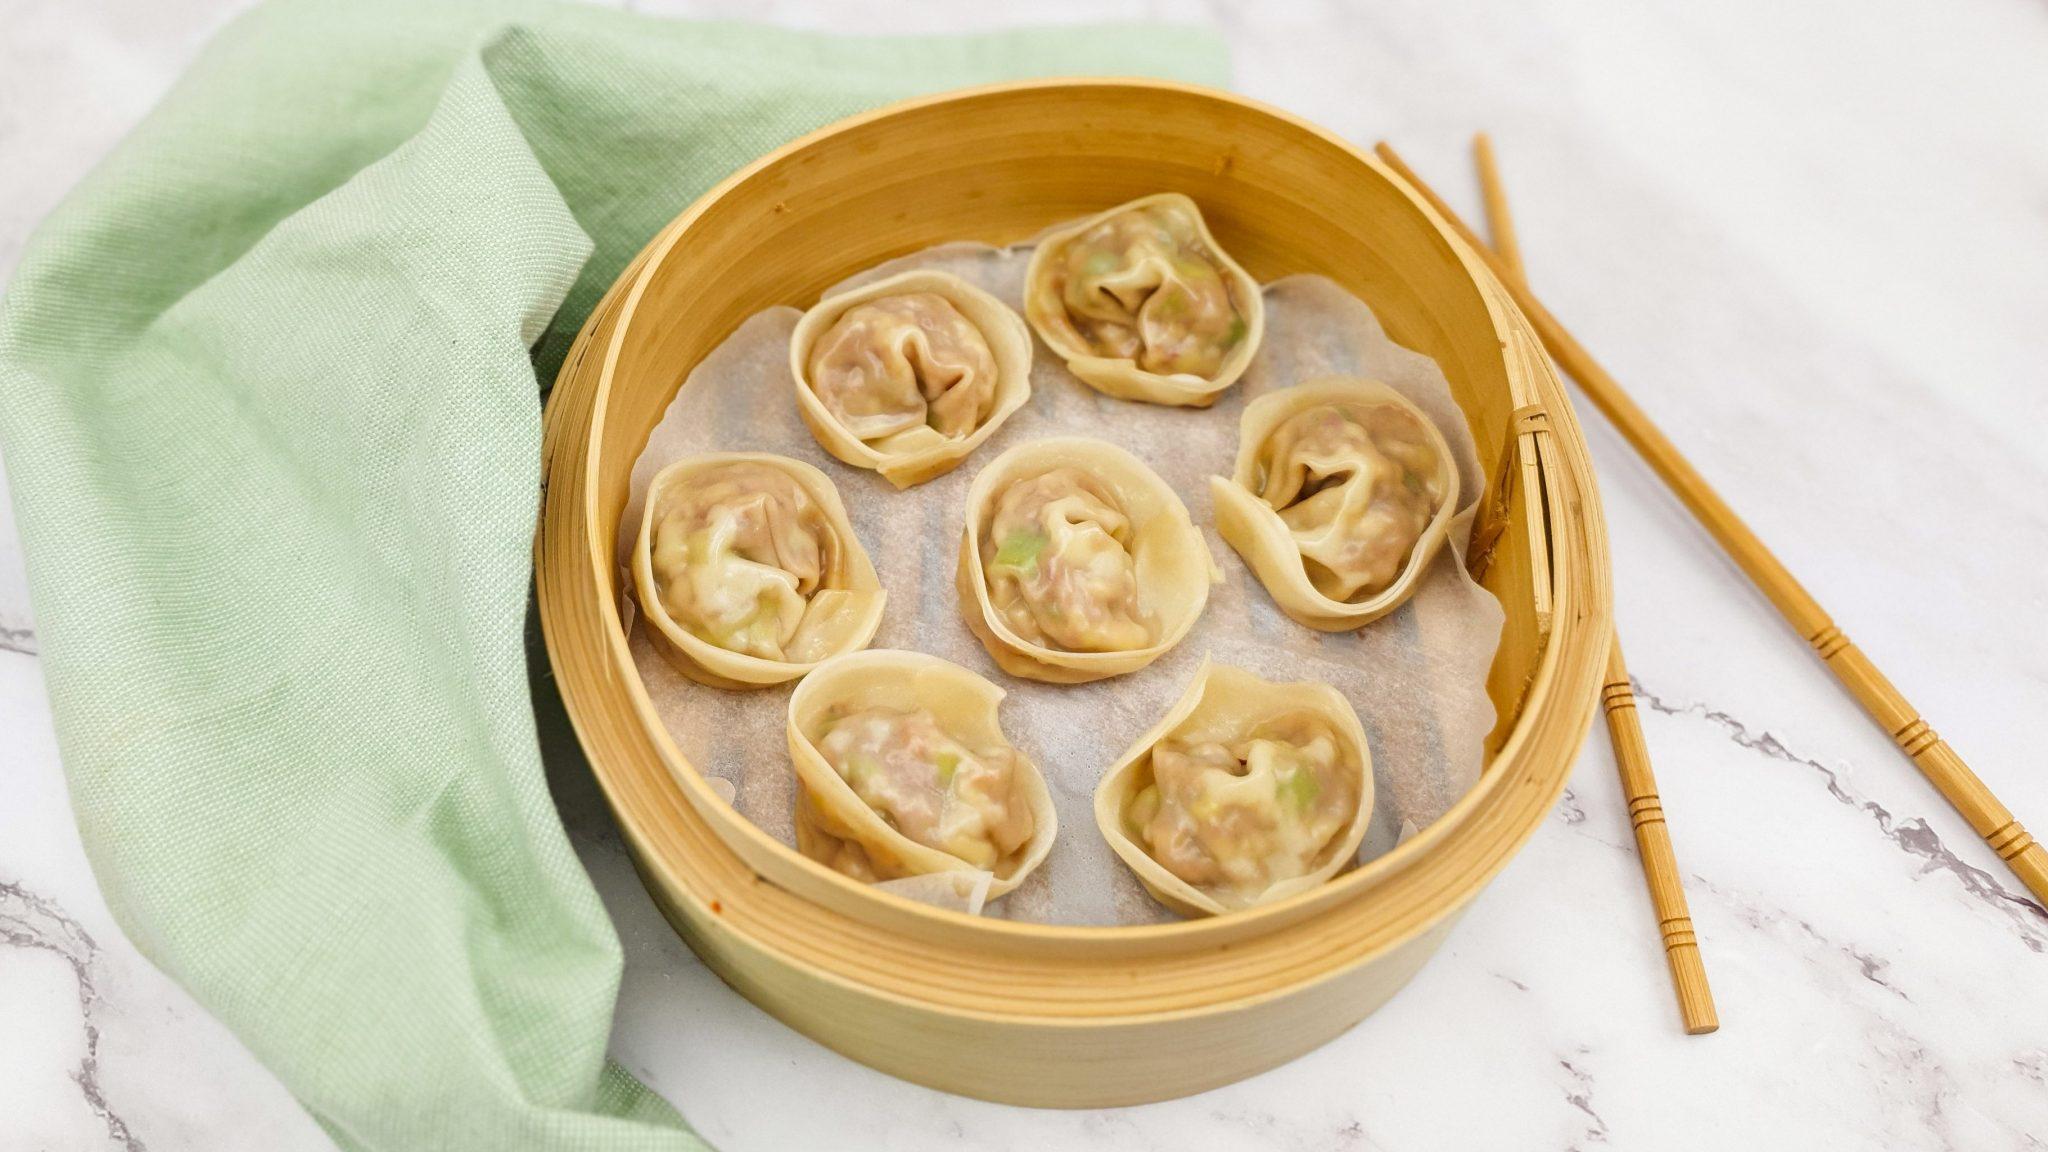 Dumplings gevuld met cha sieuw